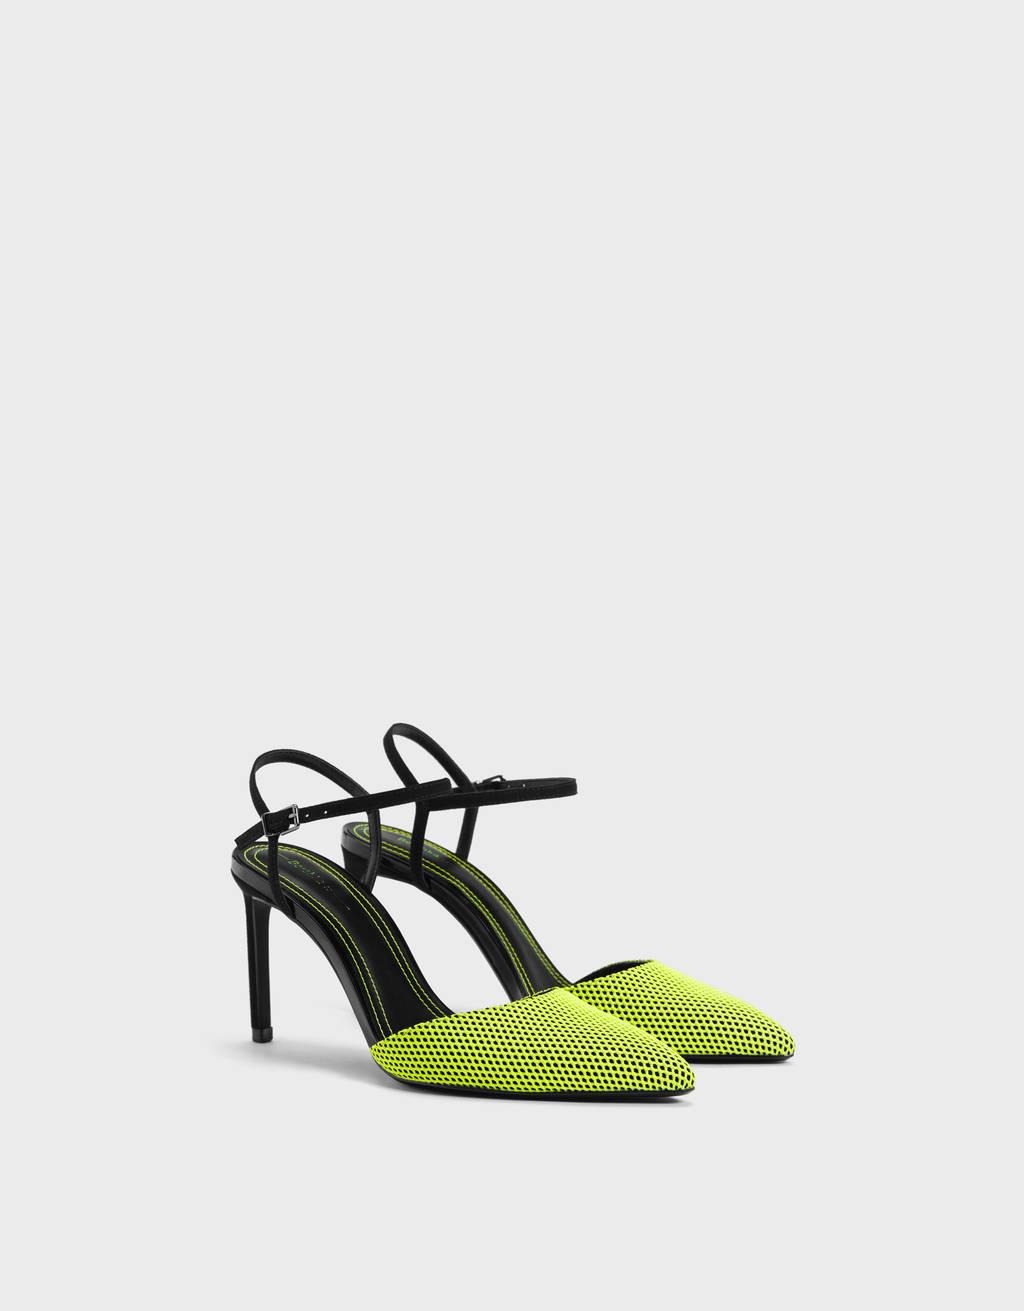 Neon mesh high-heel shoes